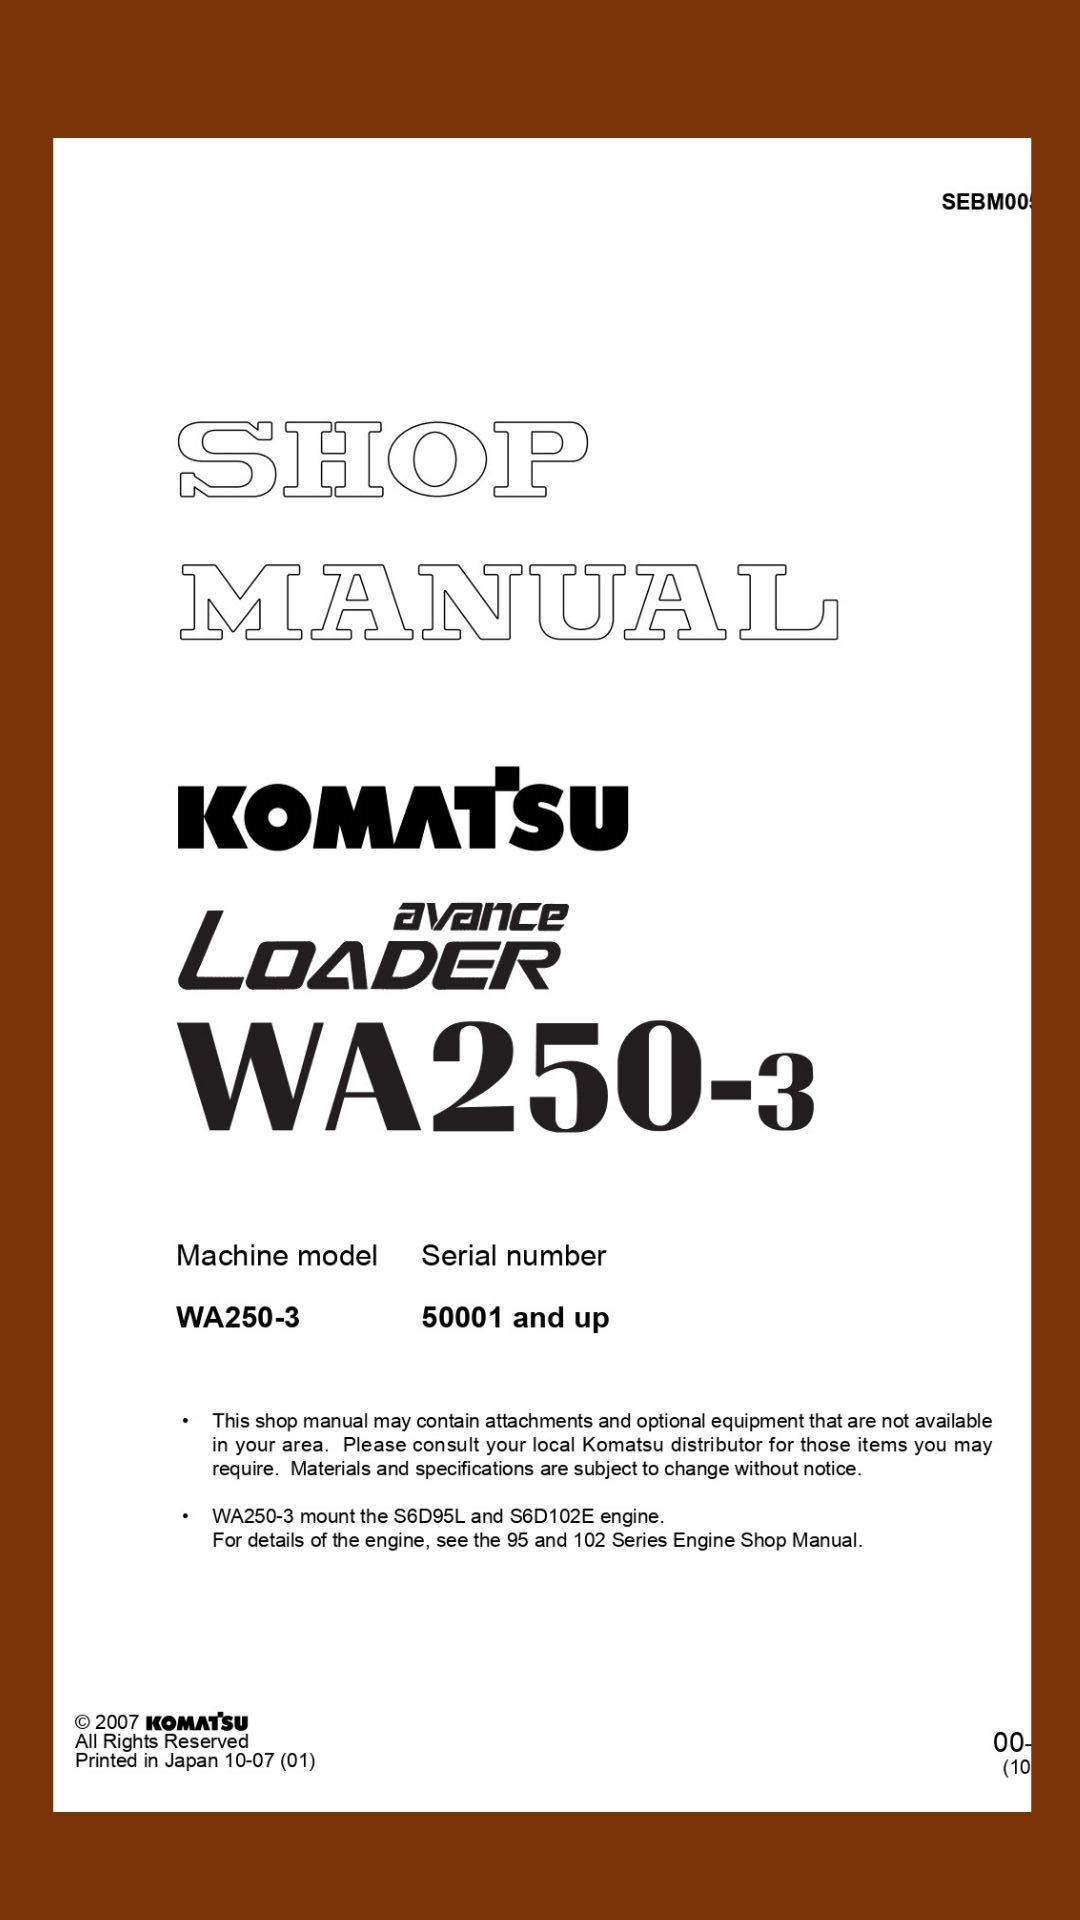 Komatsu Shop manual WA250-3